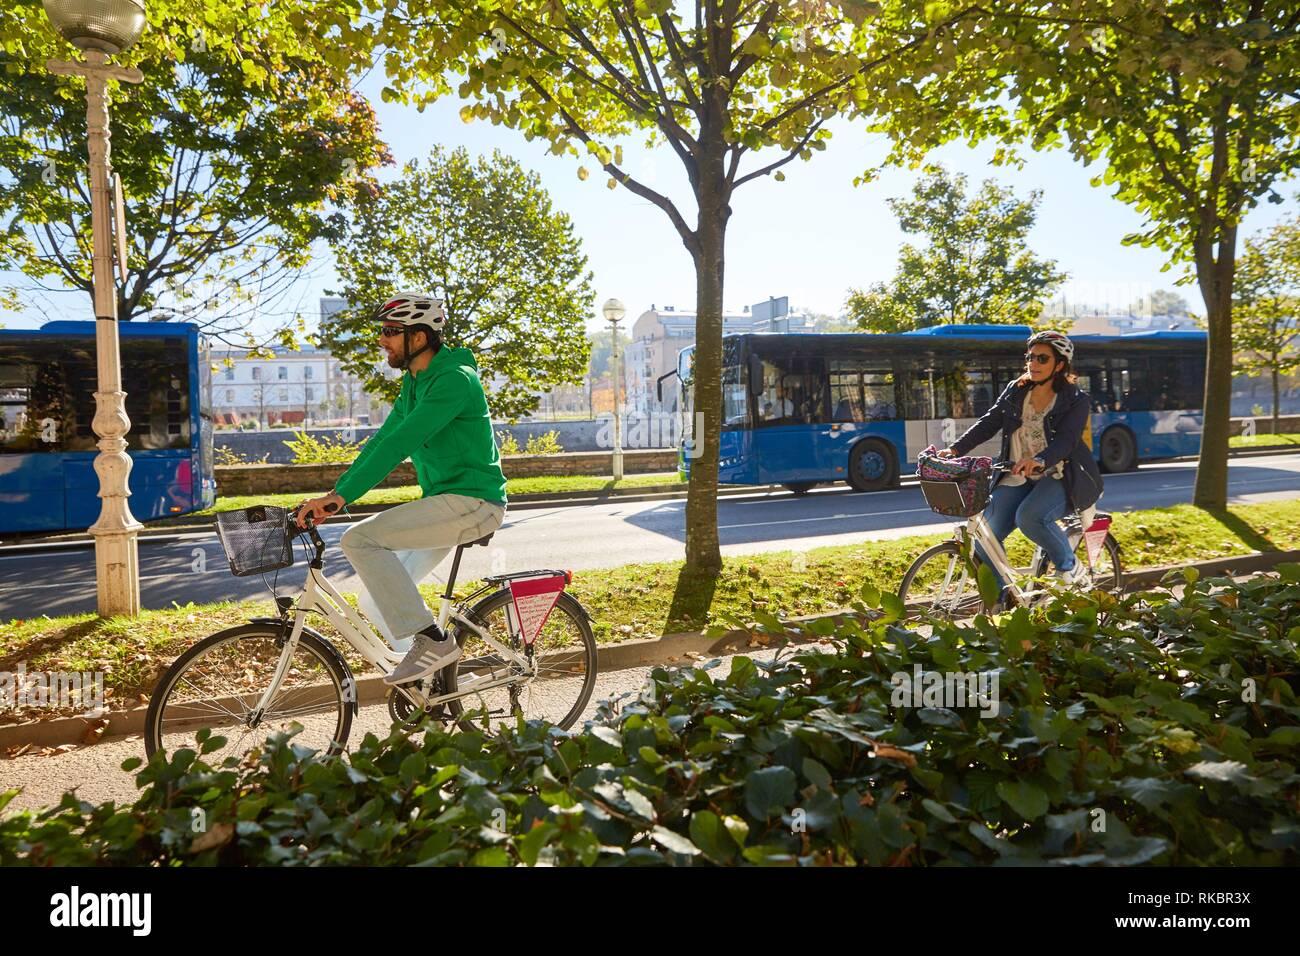 Group of tourists making a bicycle tour through the city, Donostia, San Sebastian, Gipuzkoa, Basque Country, Spain, Europe Stock Photo